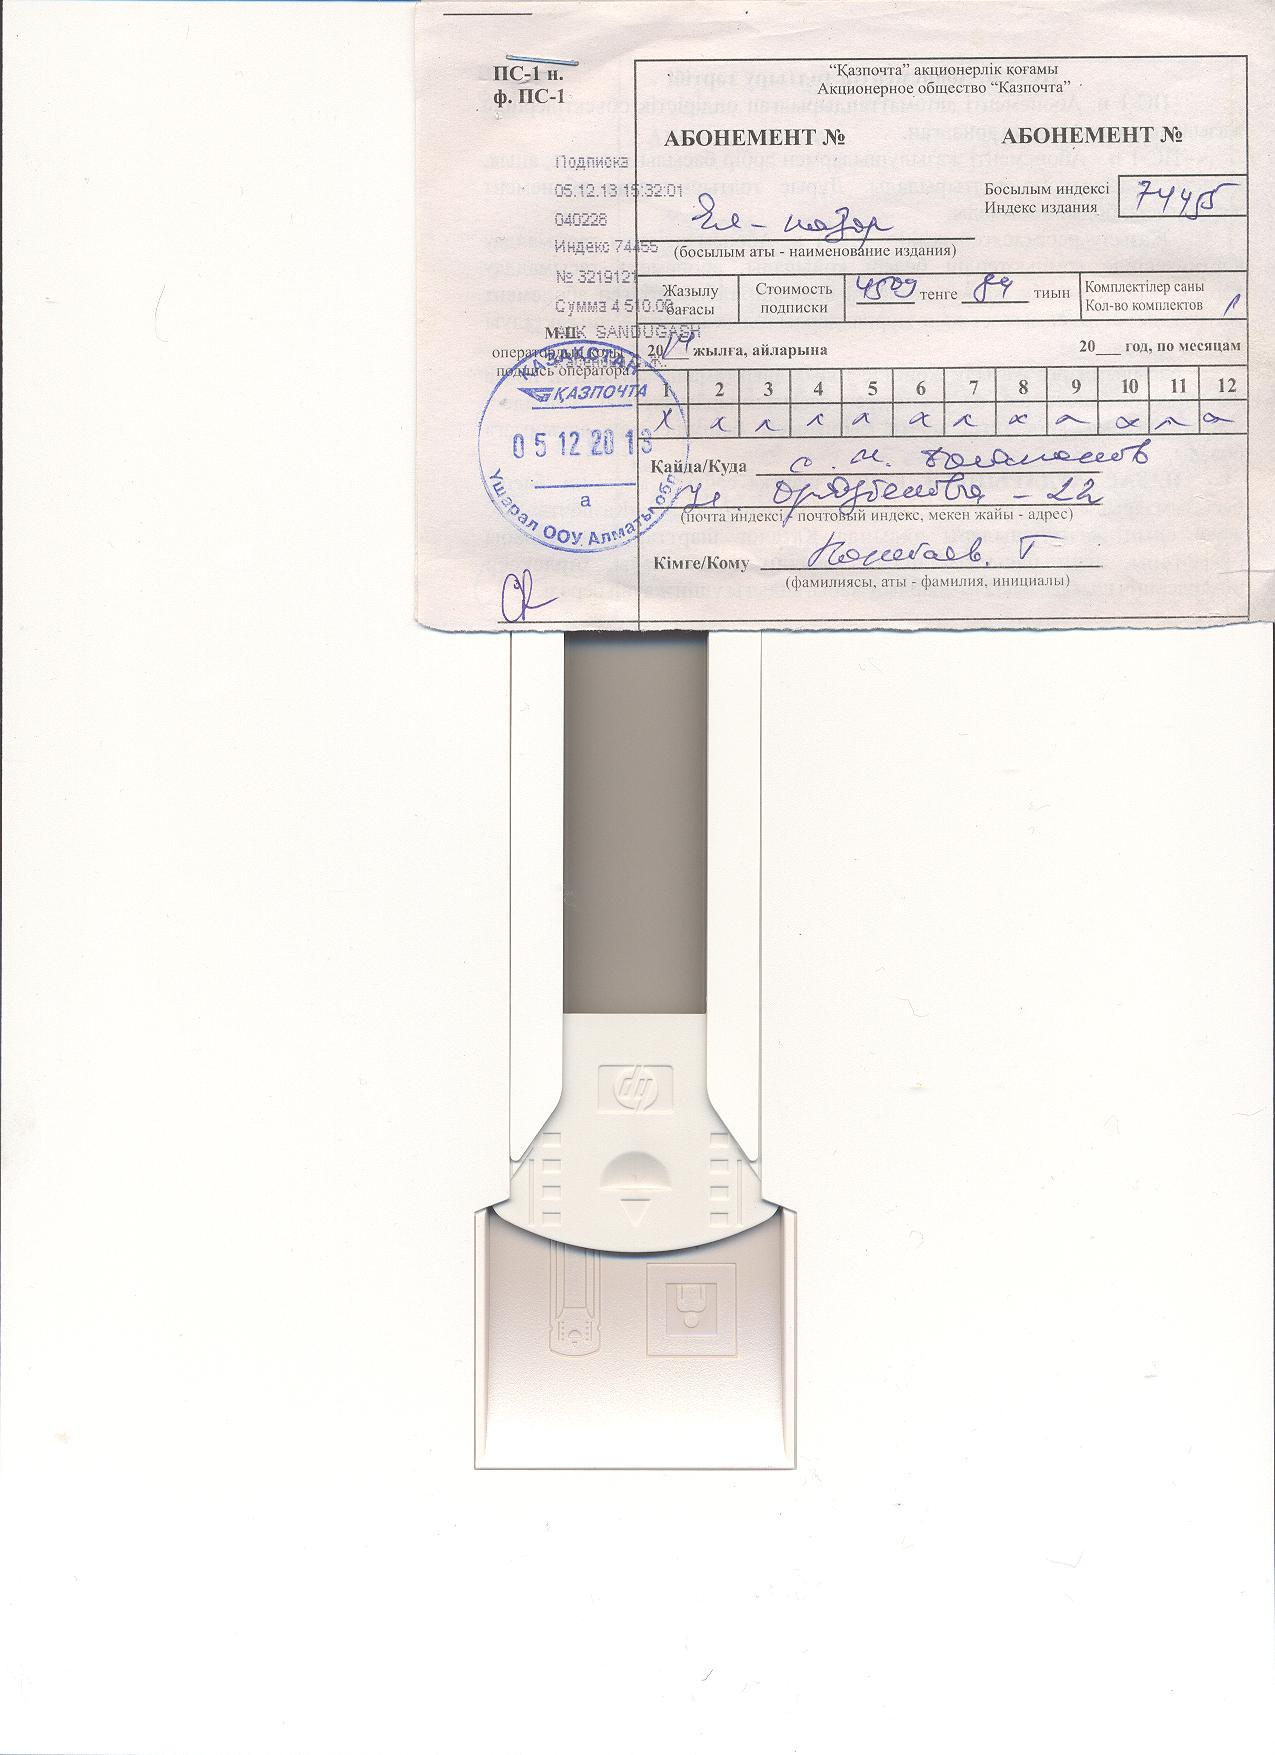 C:\Documents and Settings\Admin\Мои документы\Мои рисунки\Изображение\Изображение 001.jpg